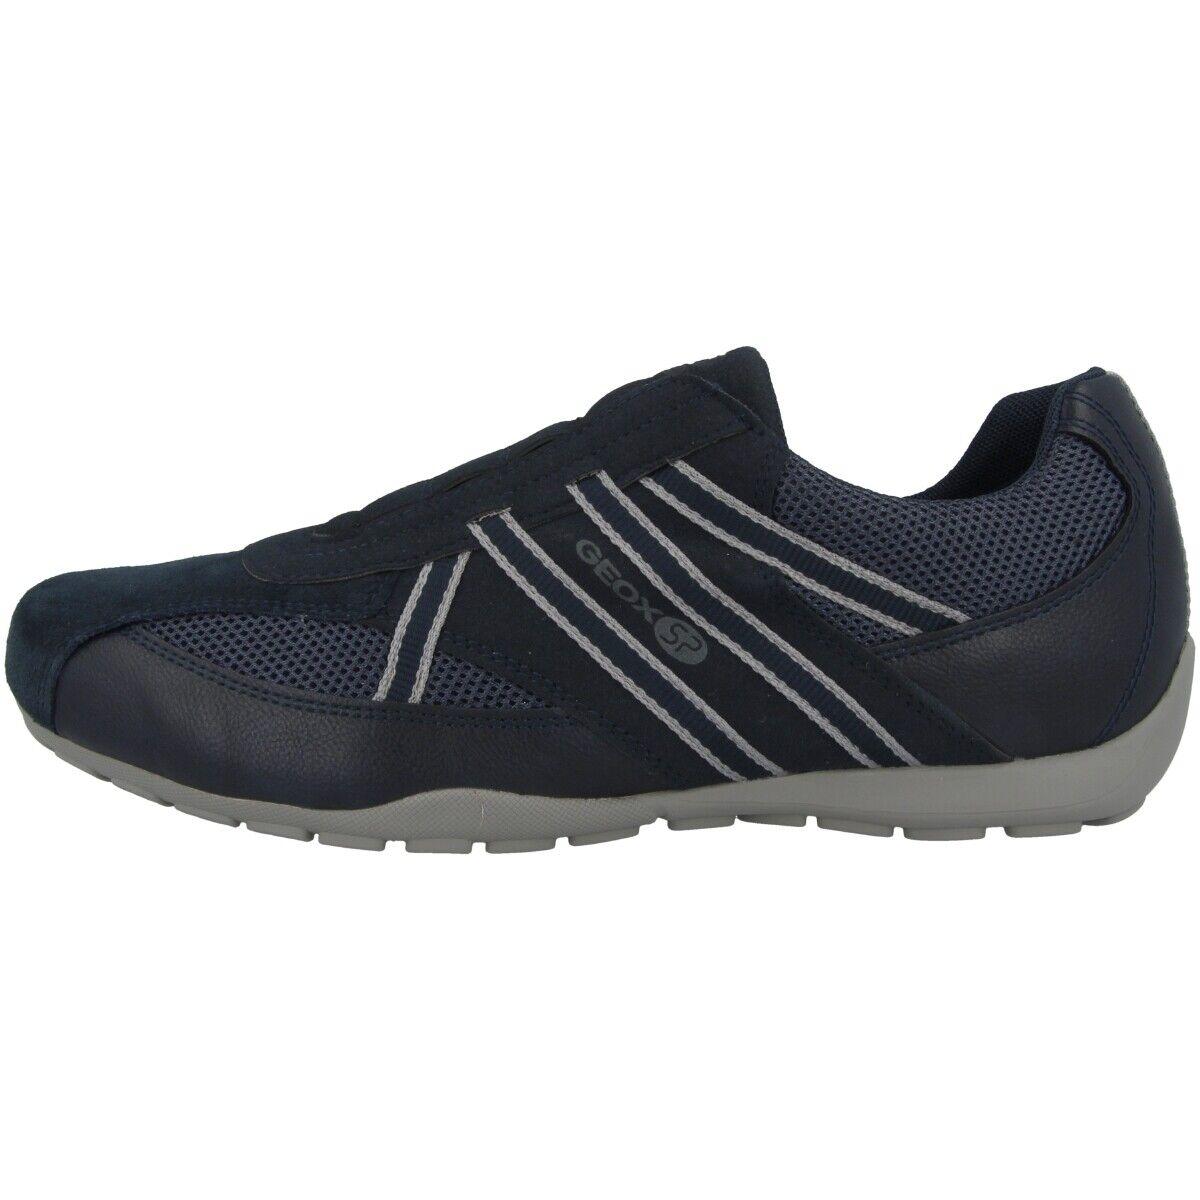 Geox u ravex C zapatos zapatillas casual zapato bajo mocasines Navy u923fc0au14c4002